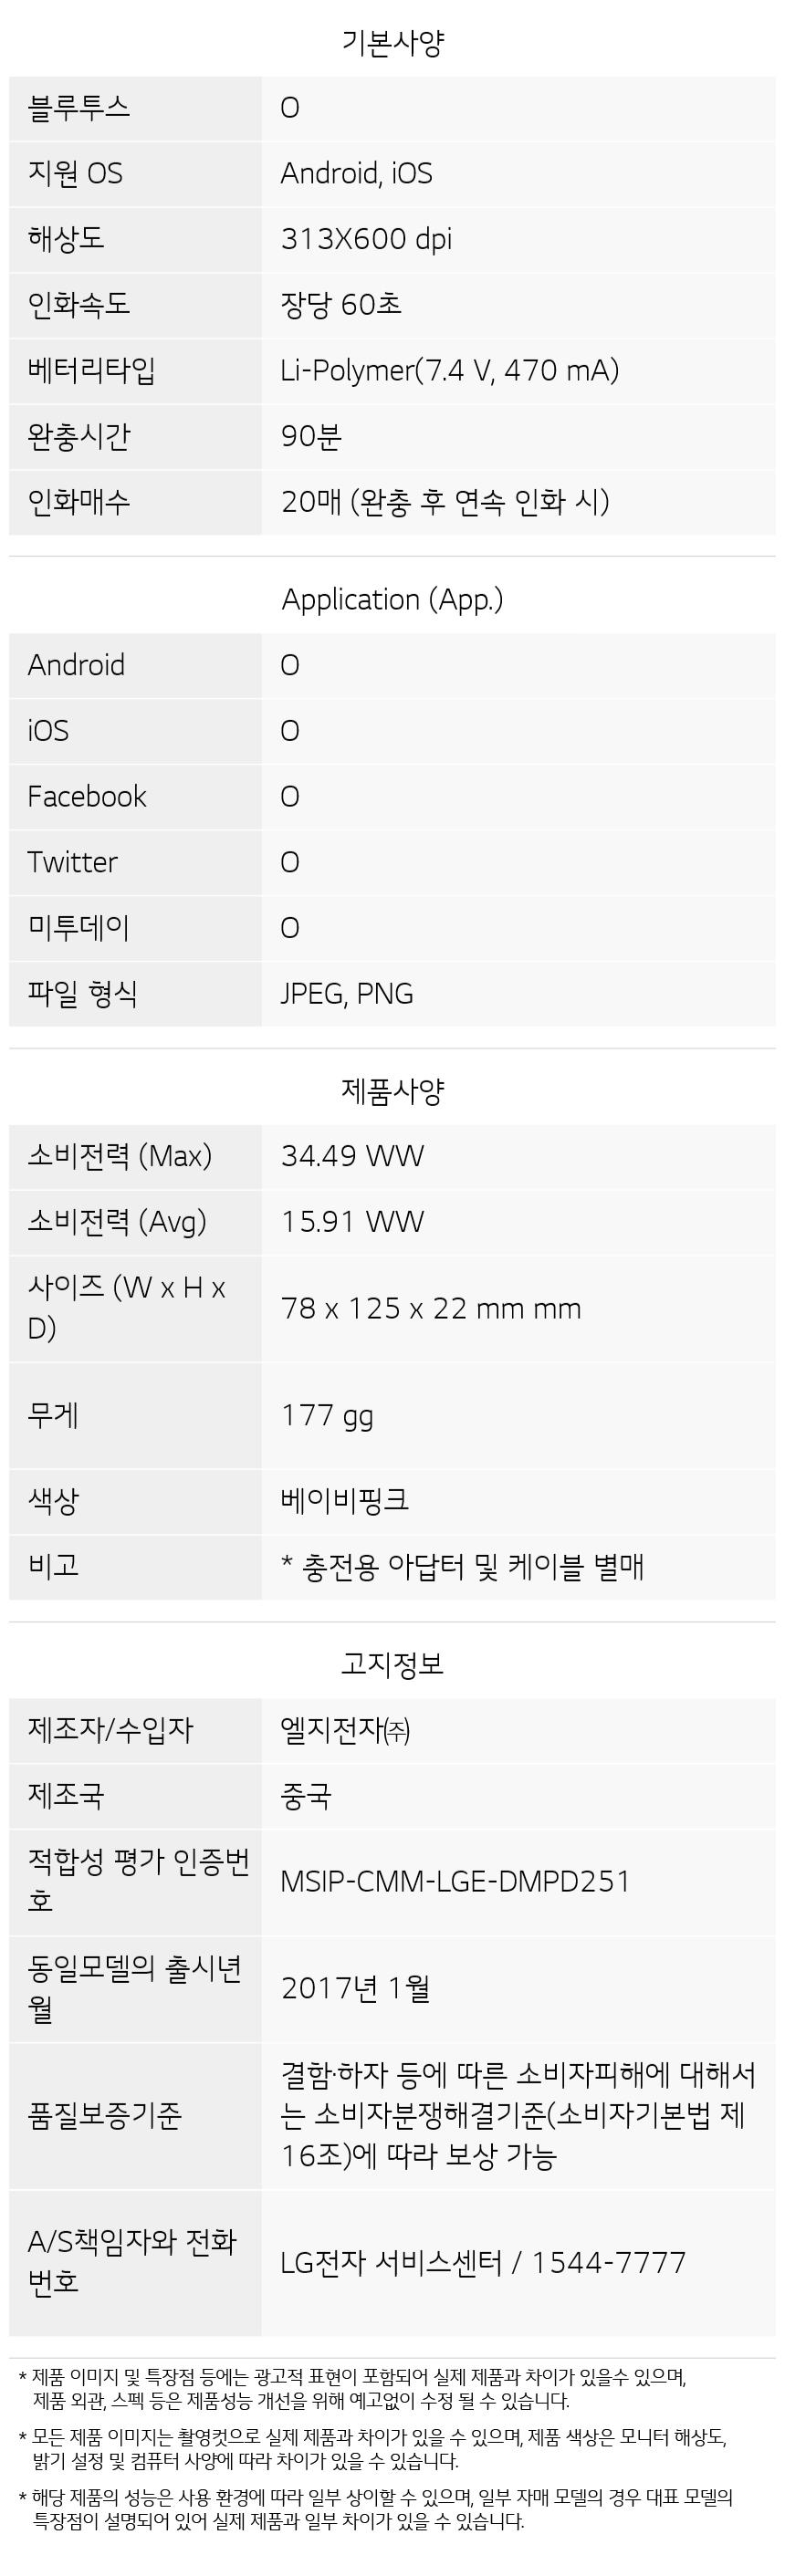 PD261P 제품 사양